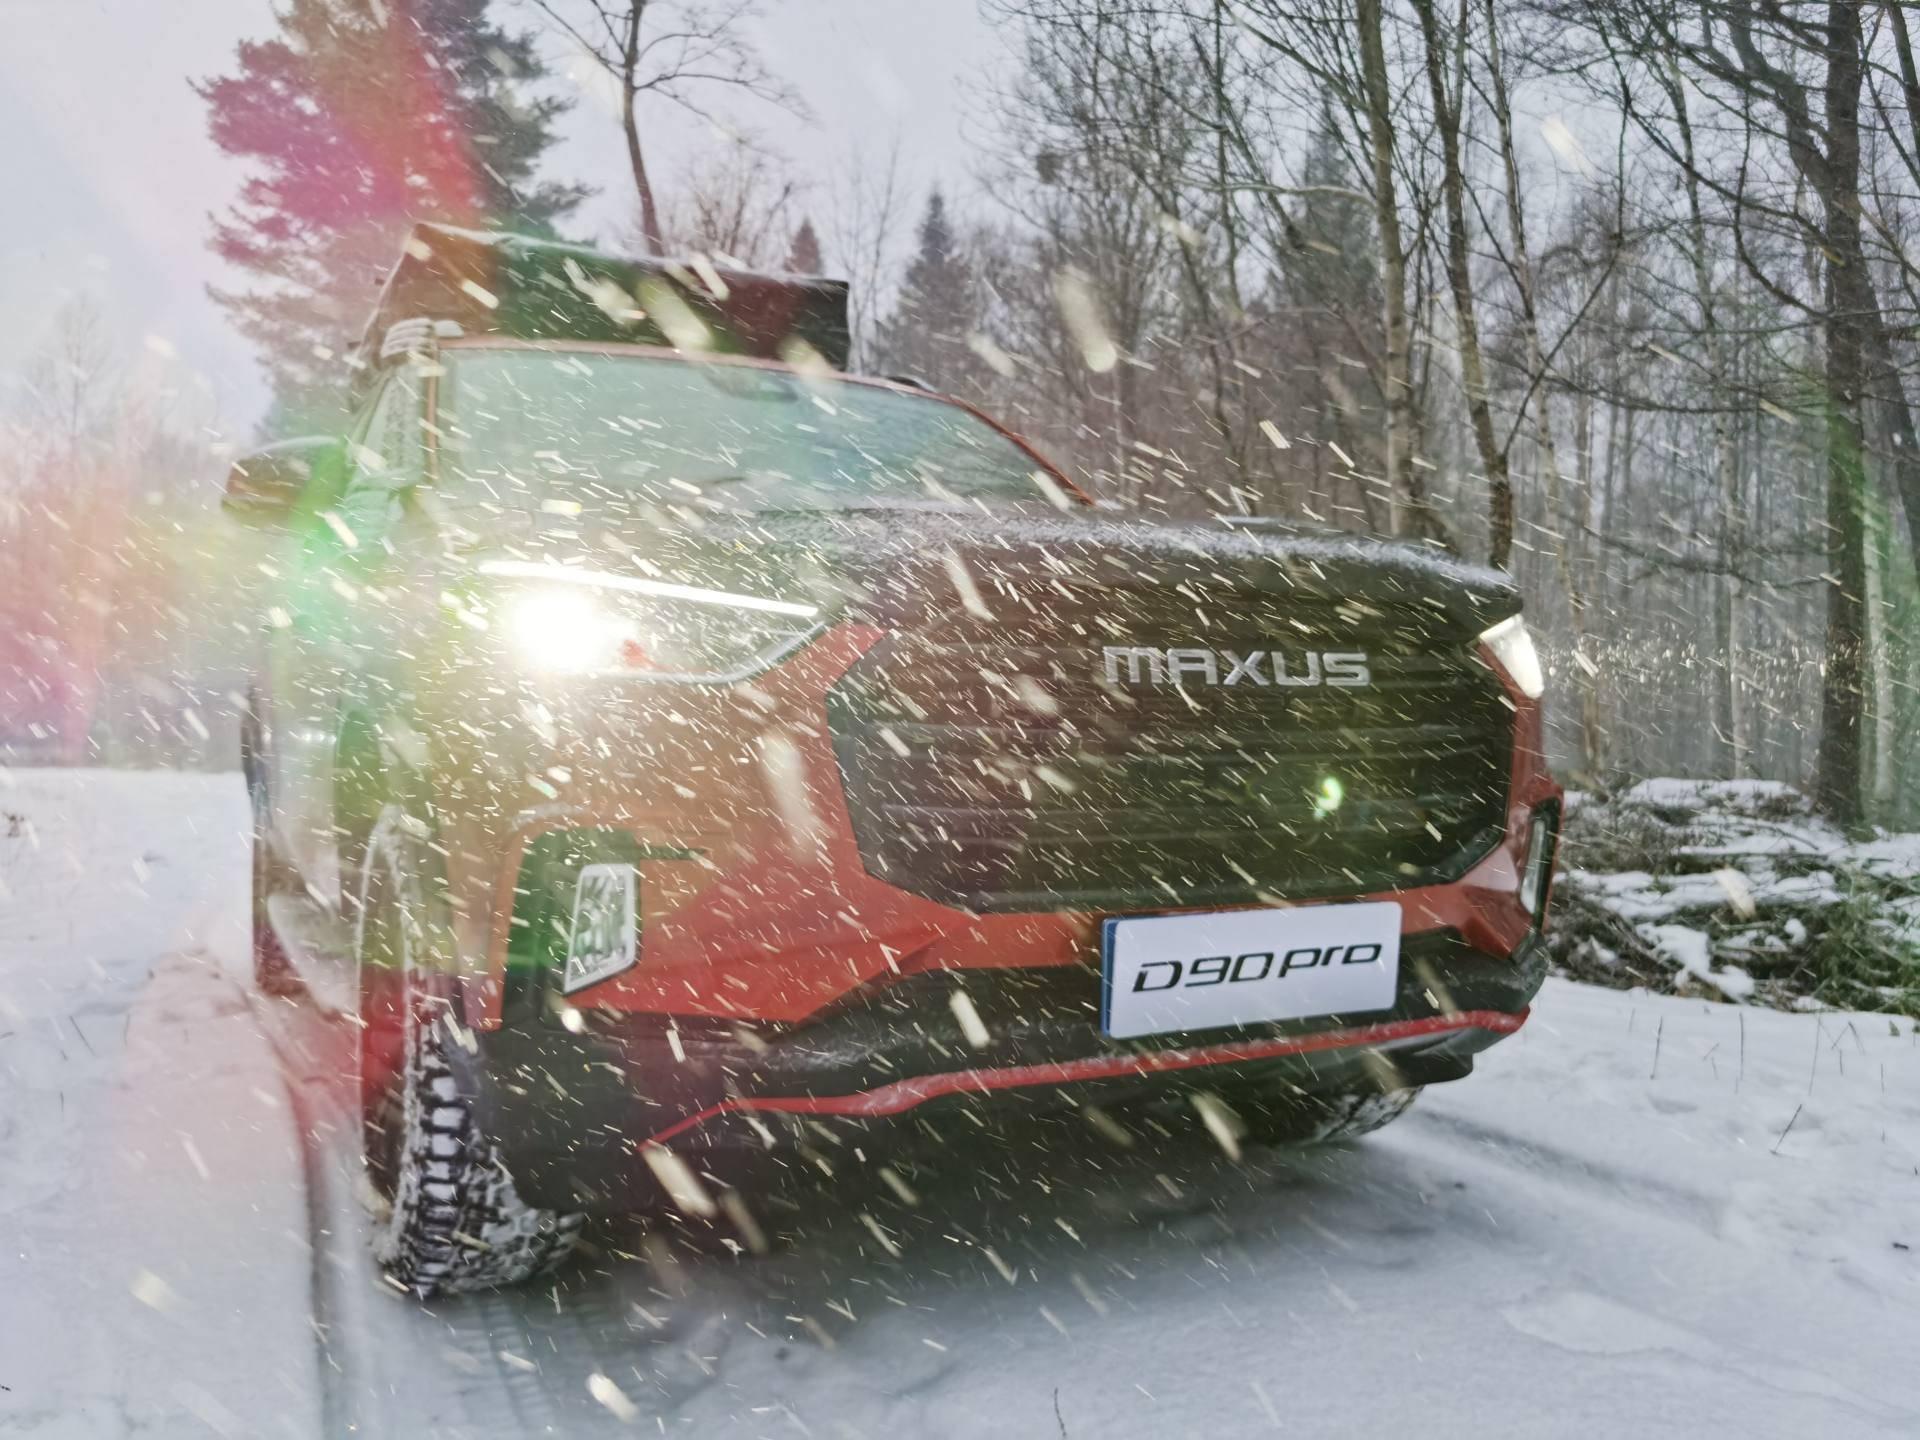 轻松征服冰雪领域,这款D90 Pro是您雪地旅行的最佳伴侣